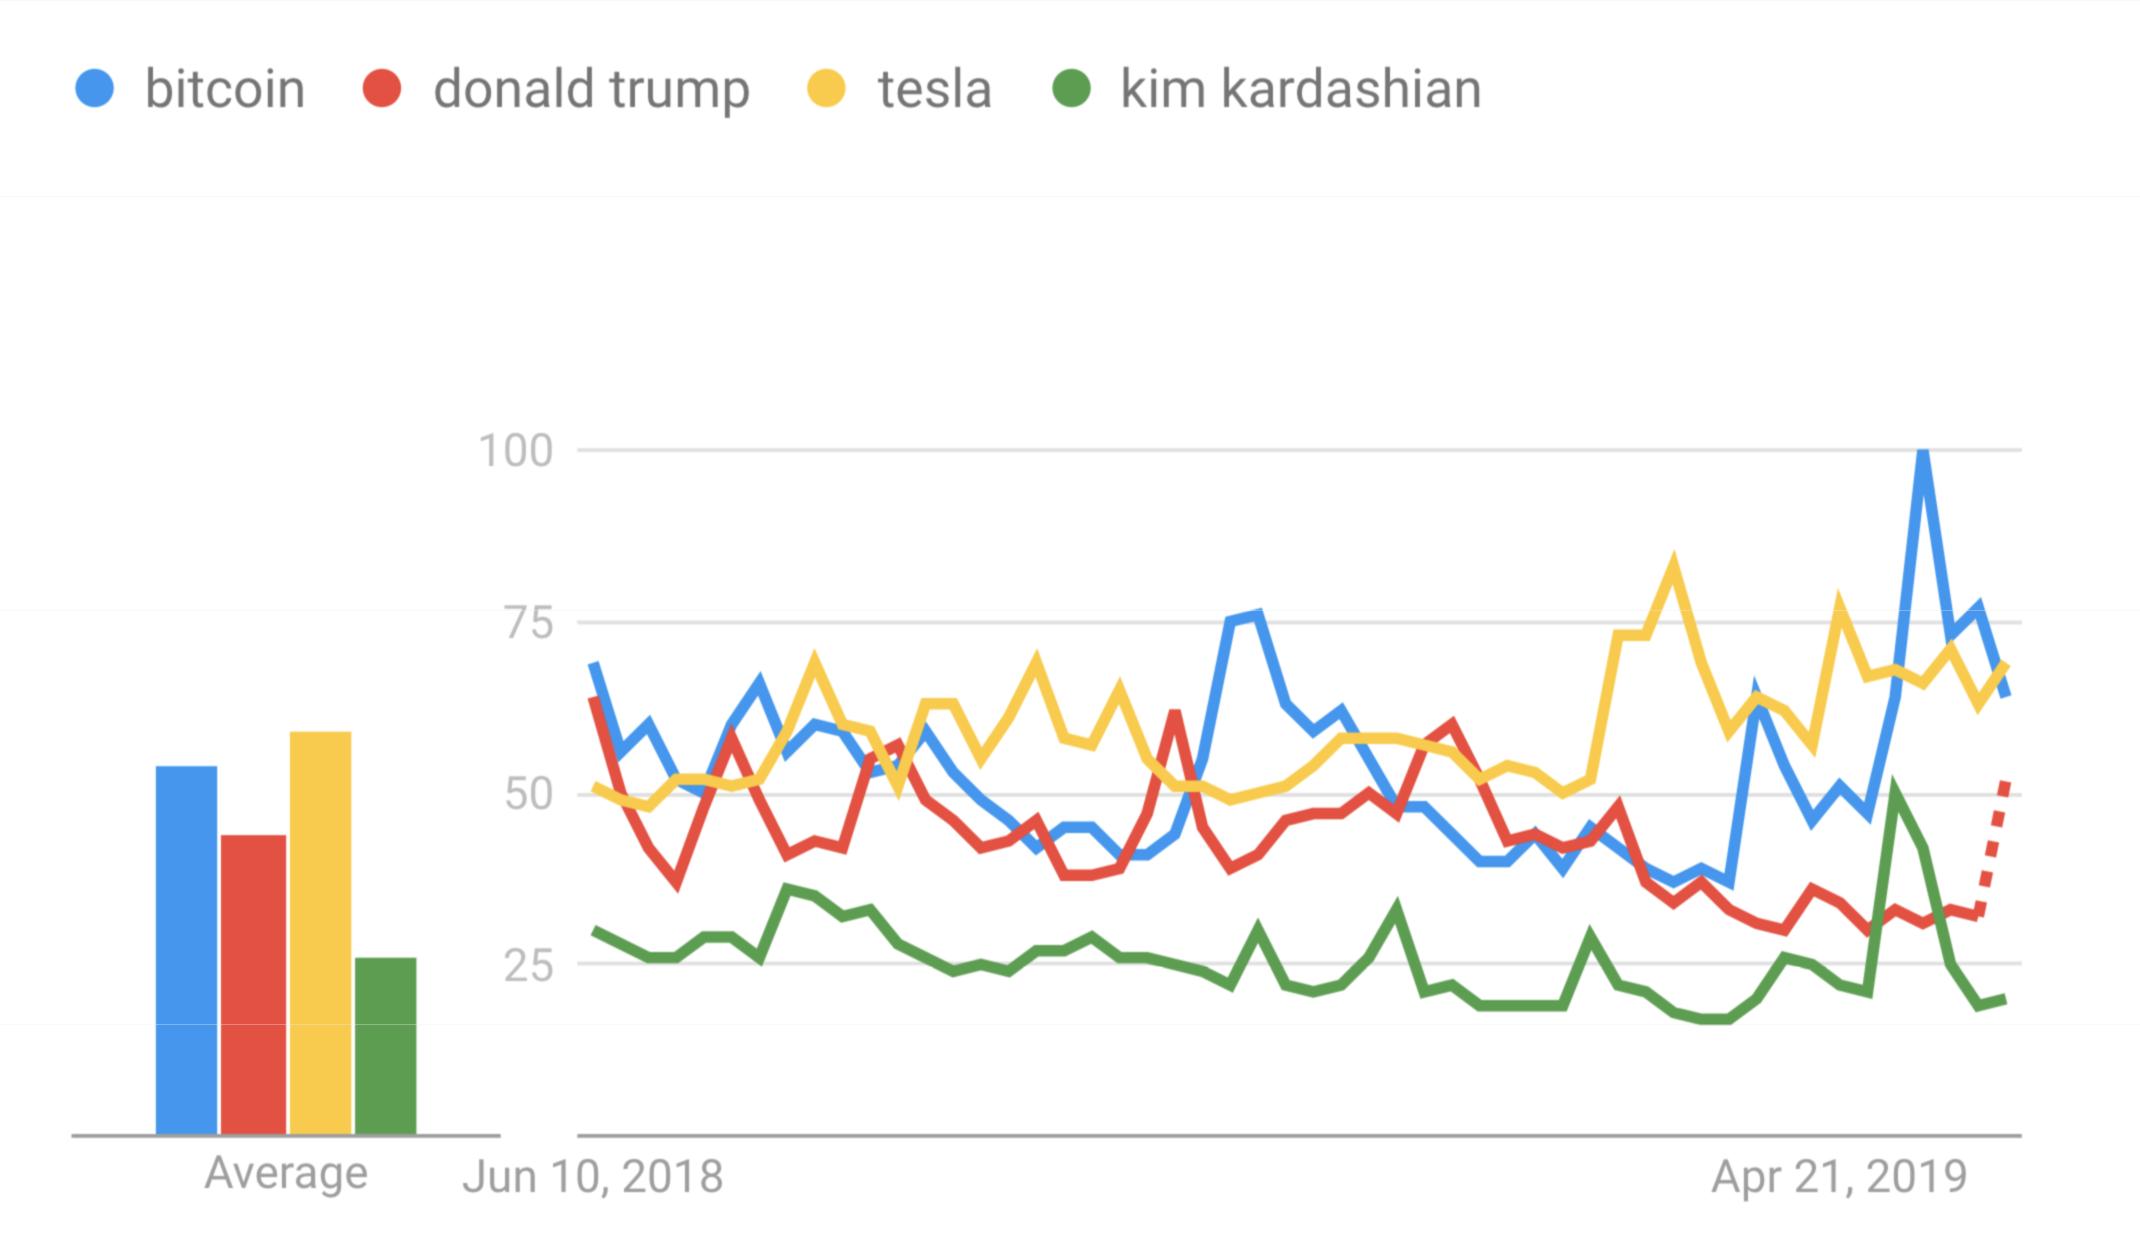 BTC интересует людей больше, чем президент Америки и Ким Кардашьян